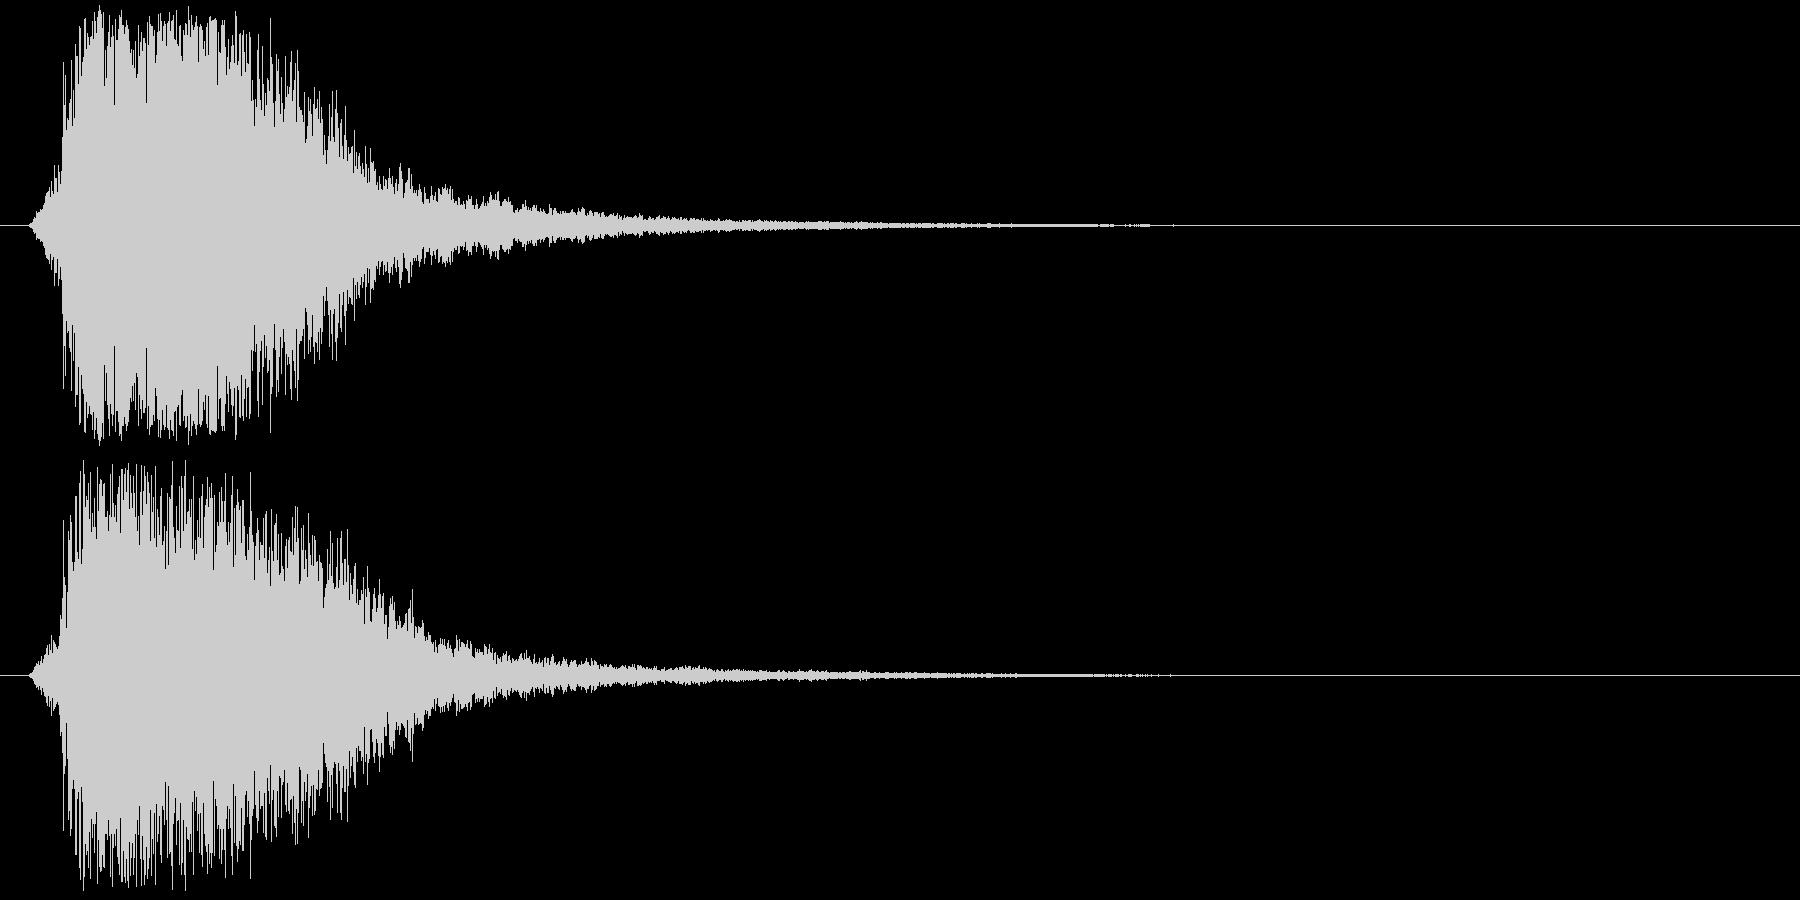 シャキーン!強烈なインパクト効果音3Cの未再生の波形